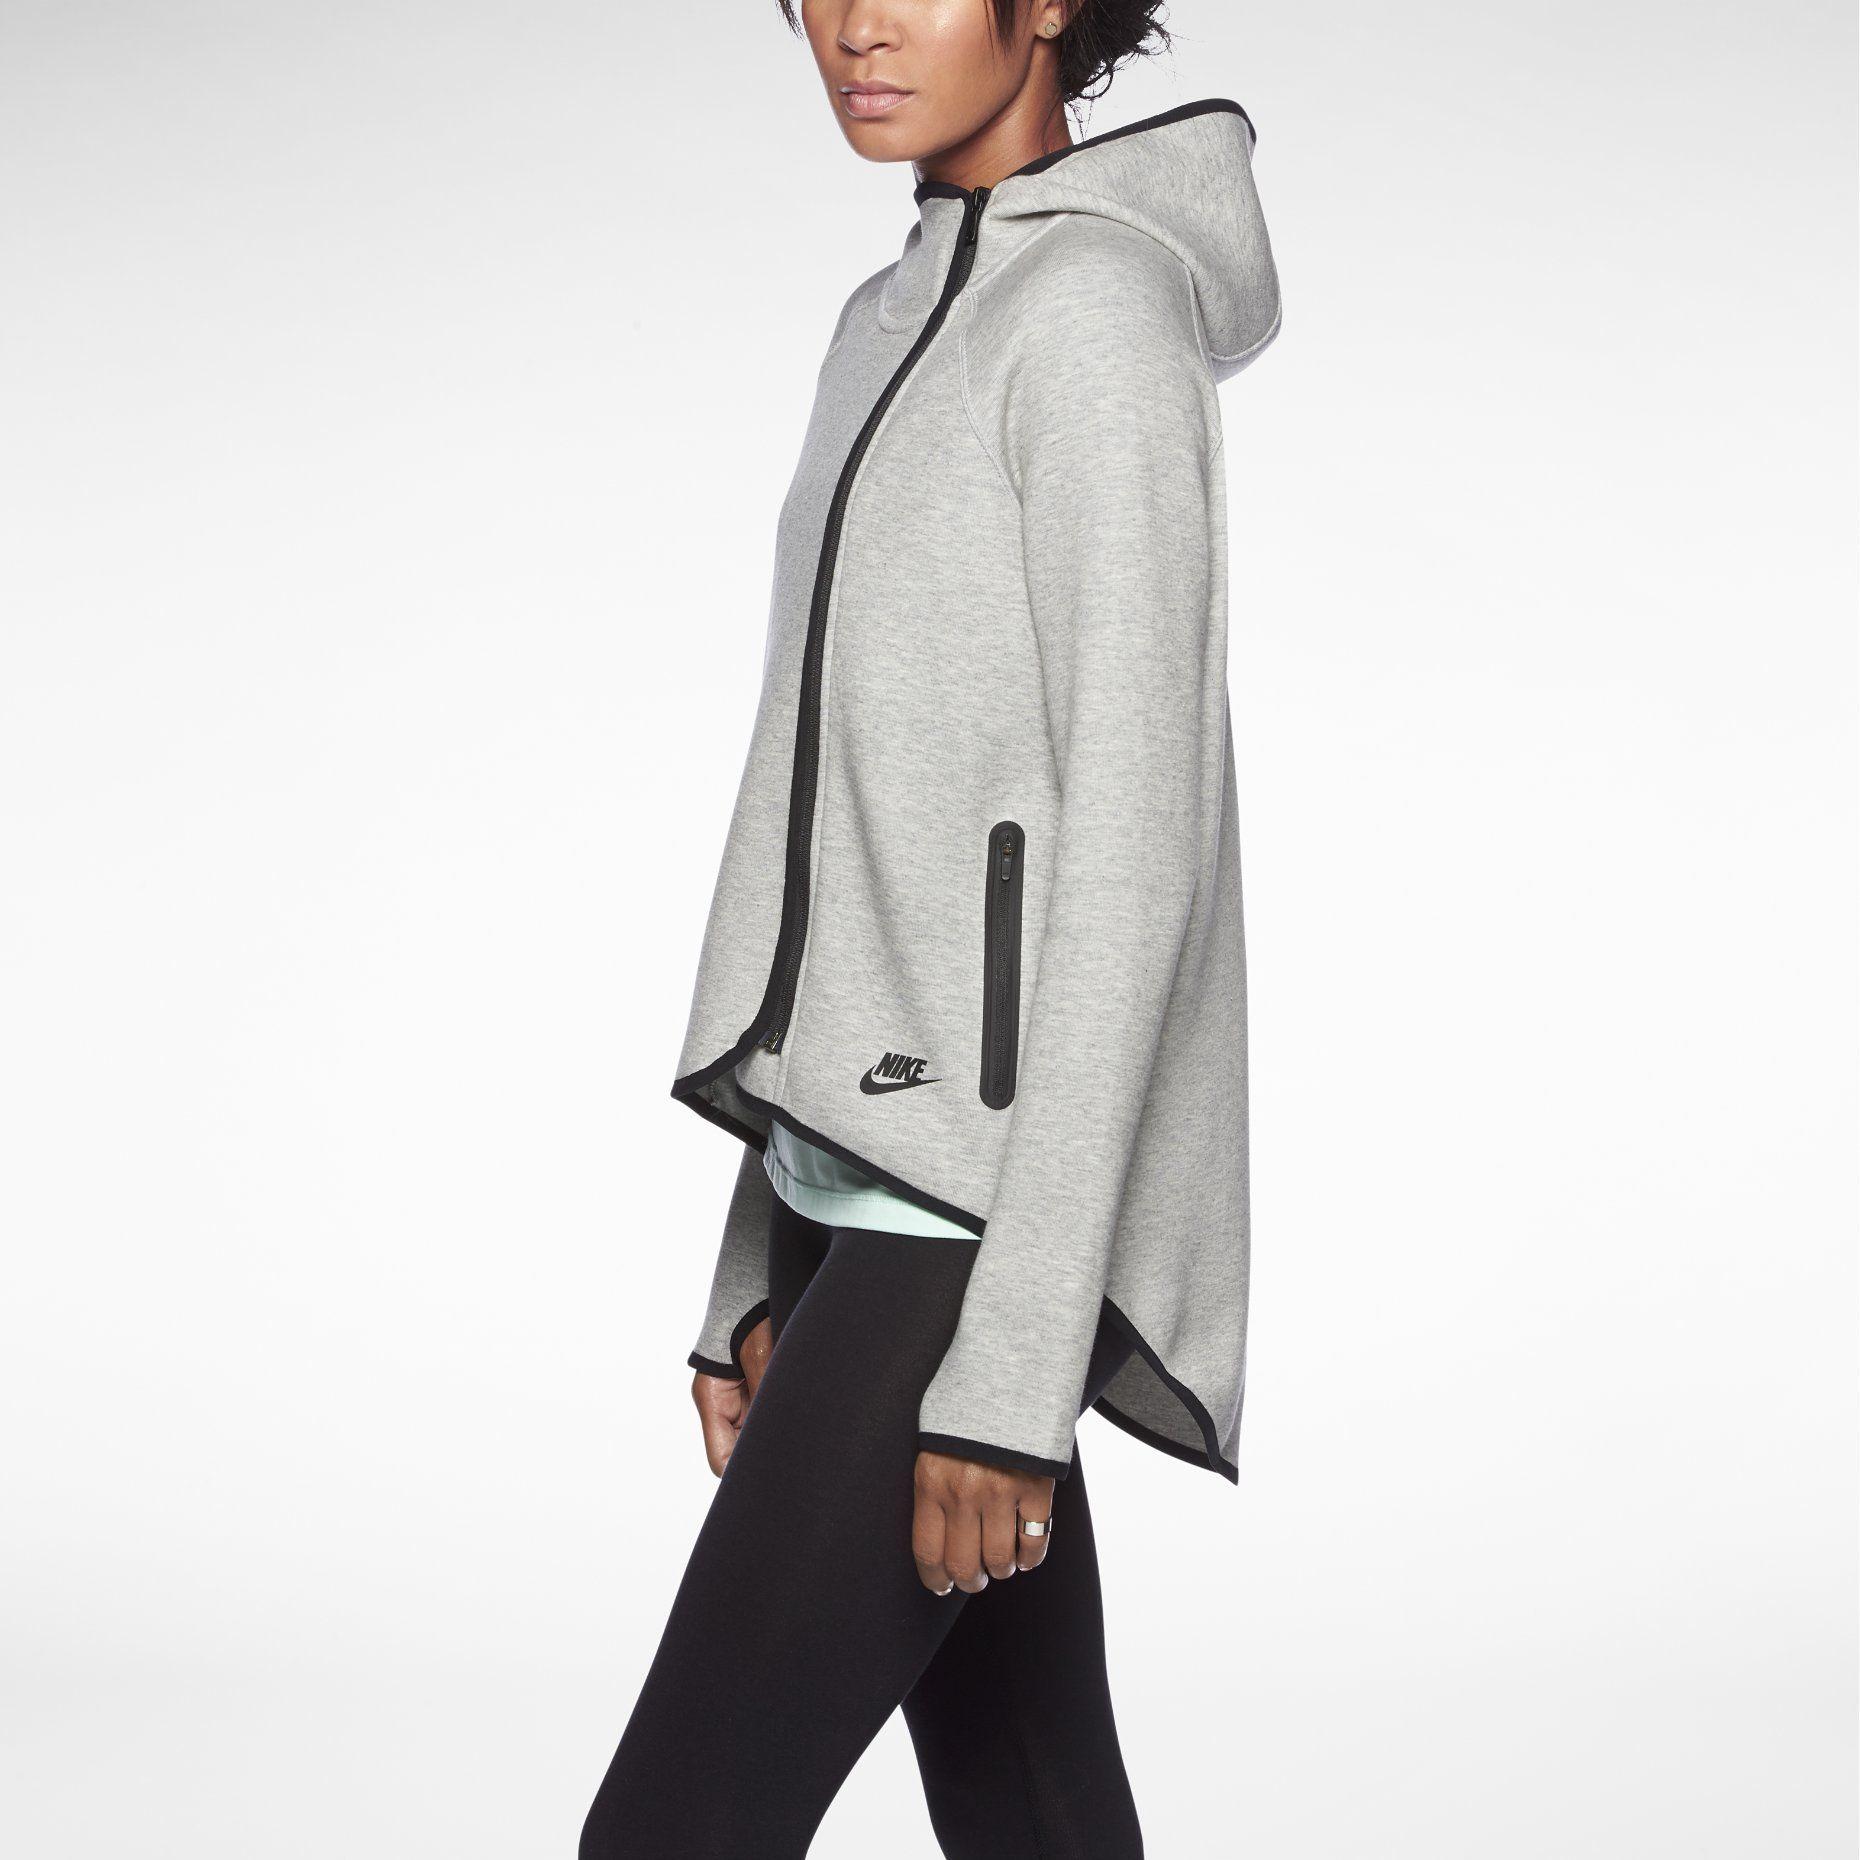 Nike Tech Fleece Cape Women's Hoodie >> so yummy. Fun